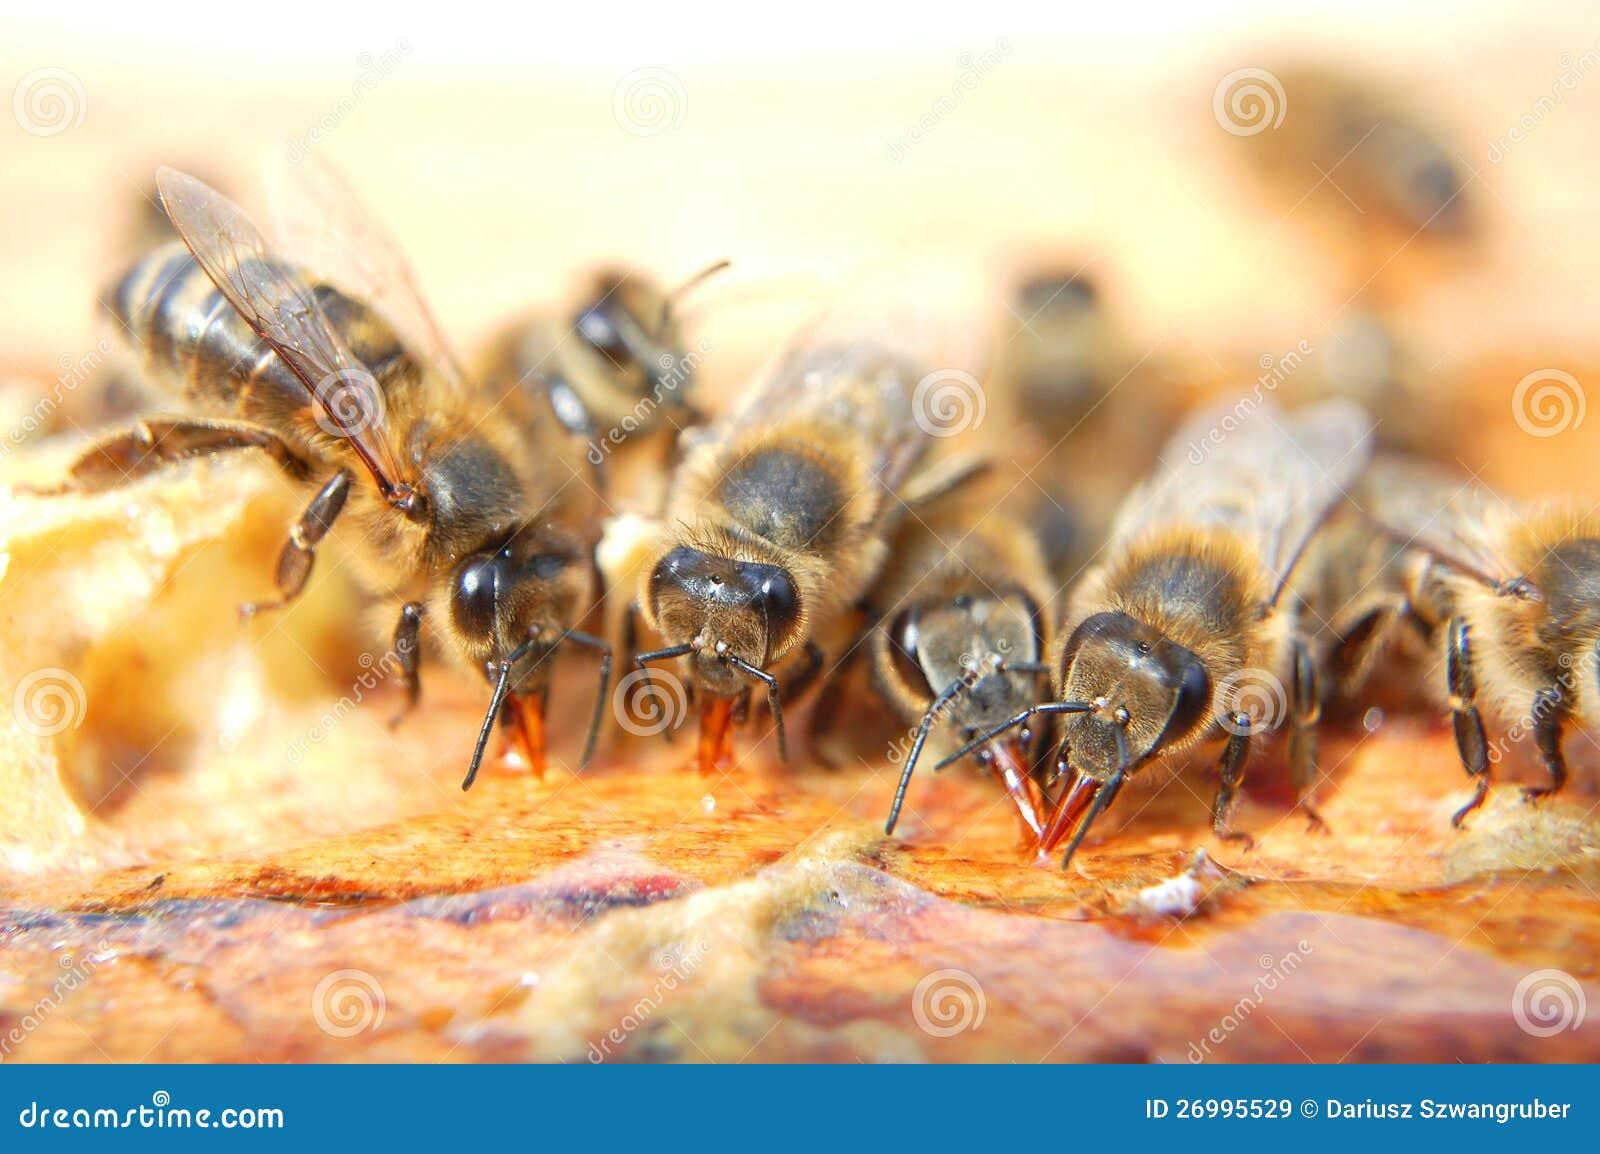 La abejas comen miel